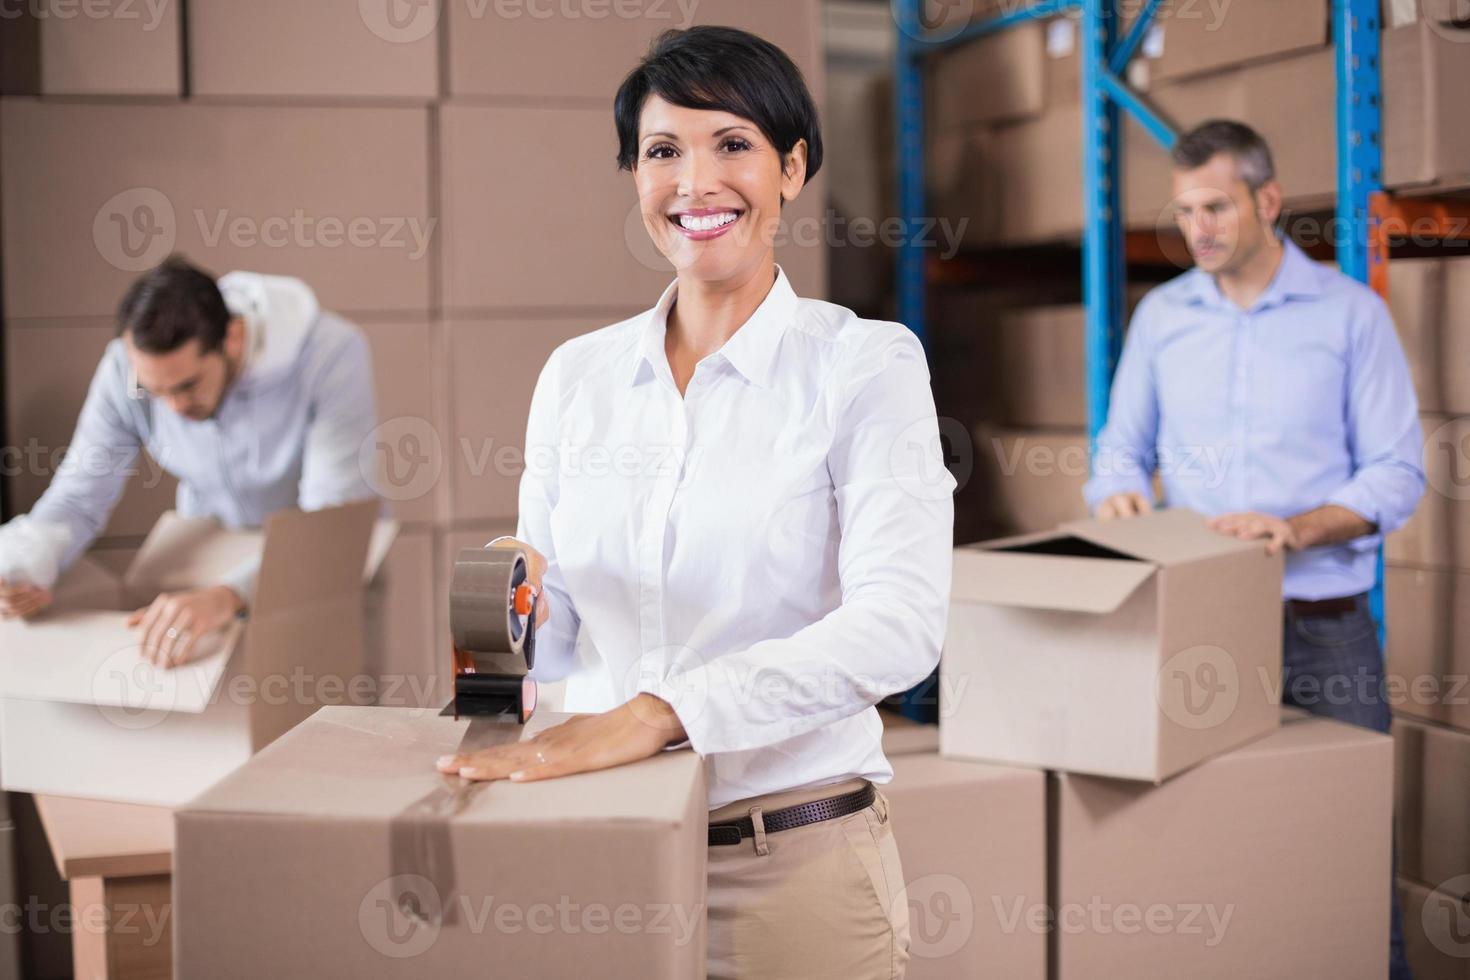 magazijnmedewerkers dozen inpakken foto